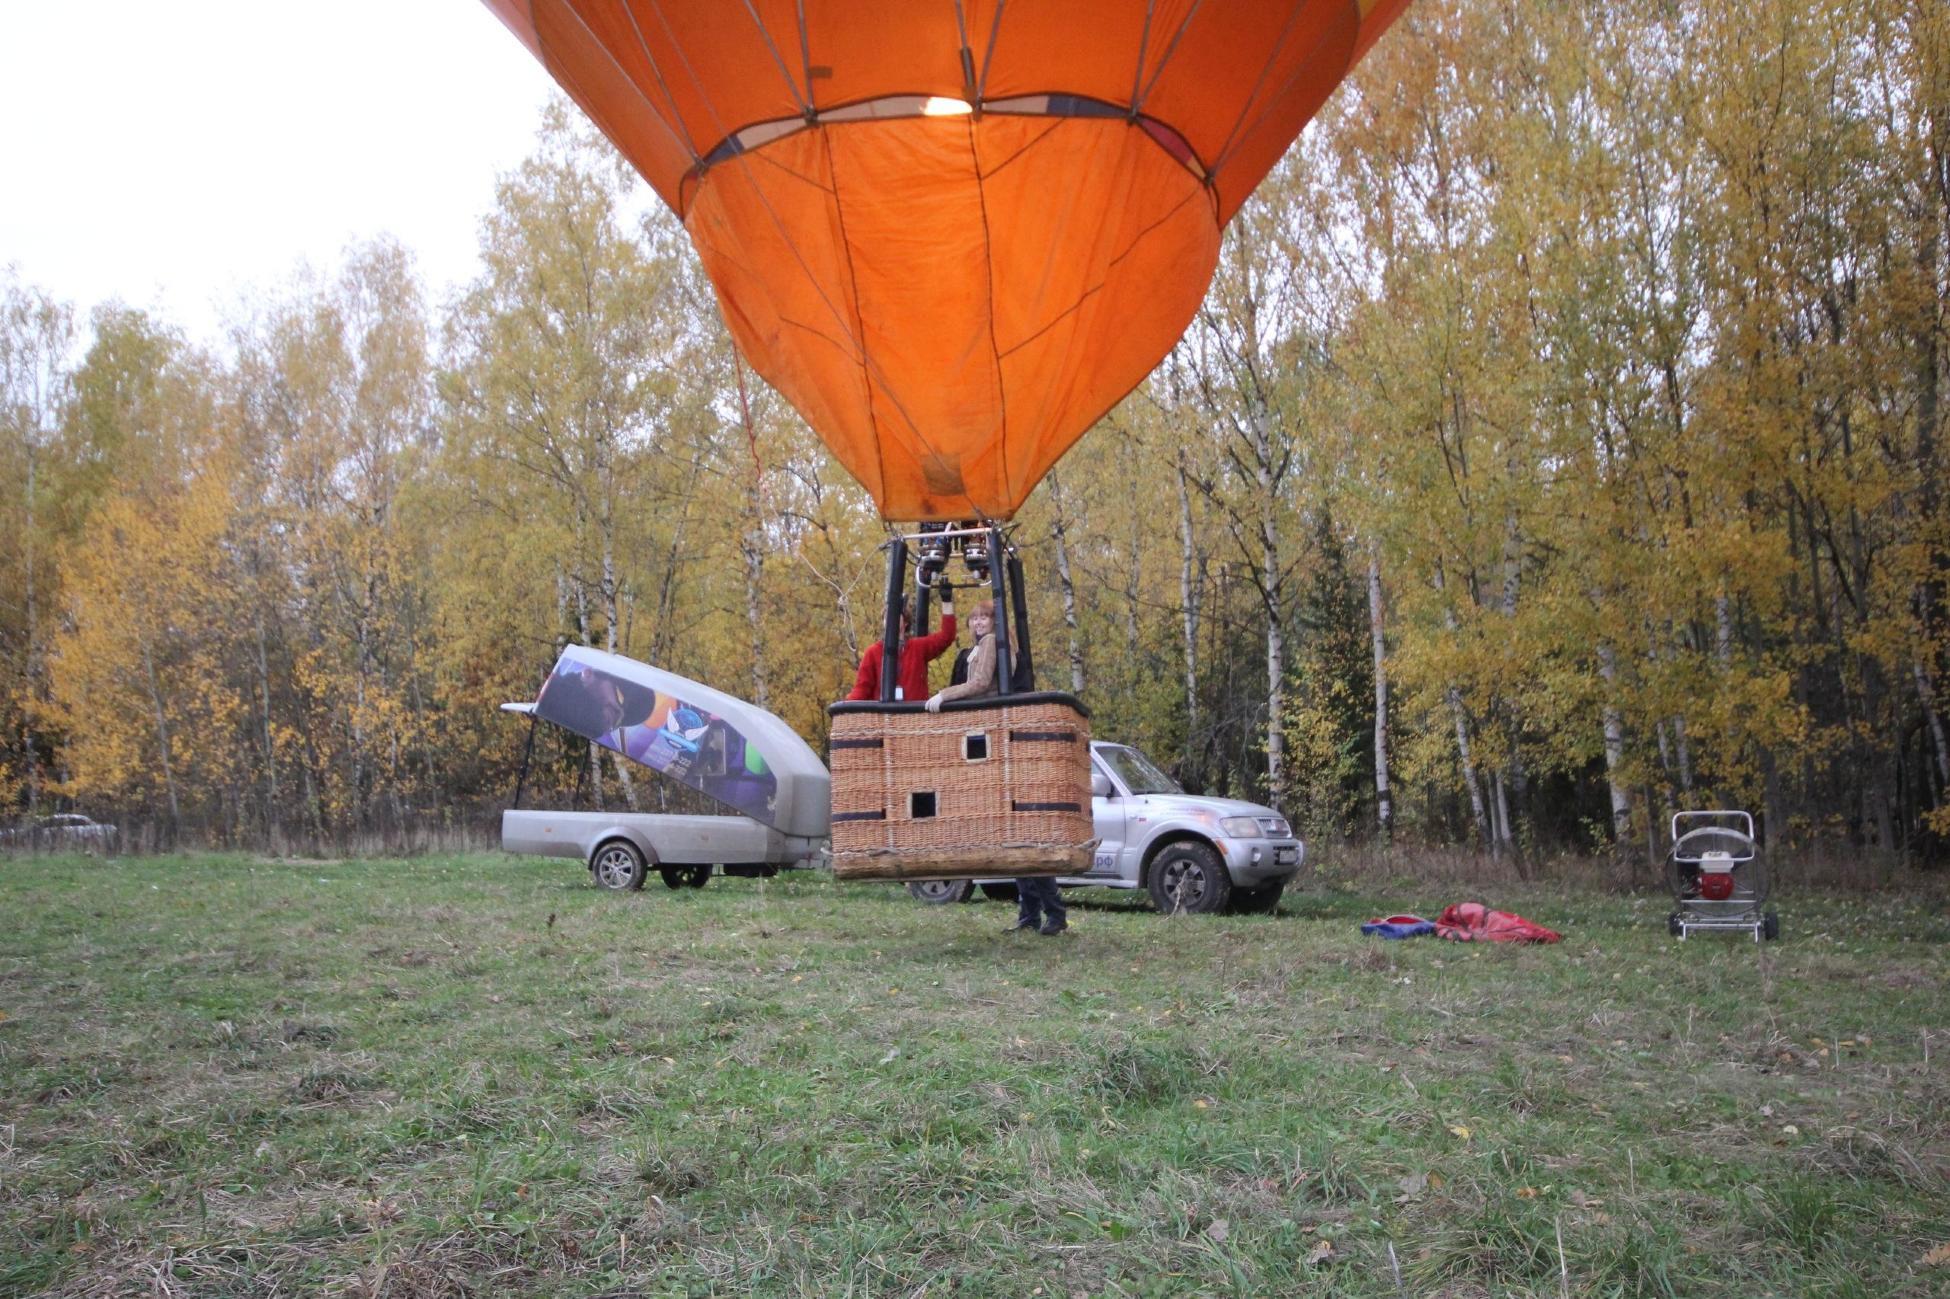 Полёт на воздушном шаре Orange фото 3